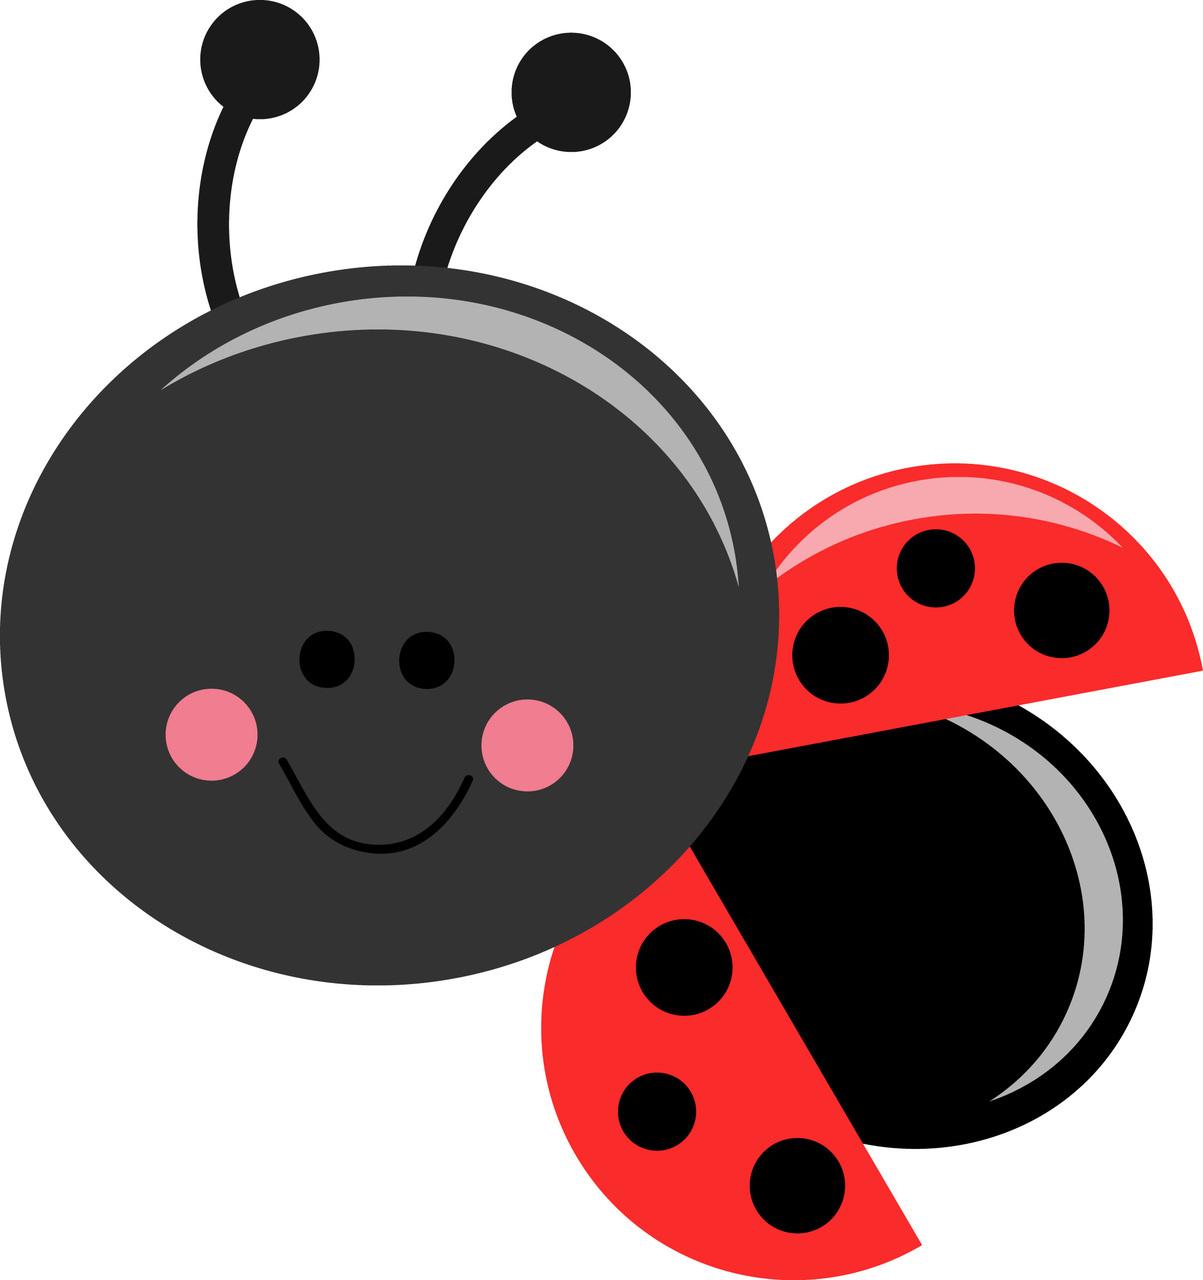 Ladybug cliparts-Ladybug cliparts-11